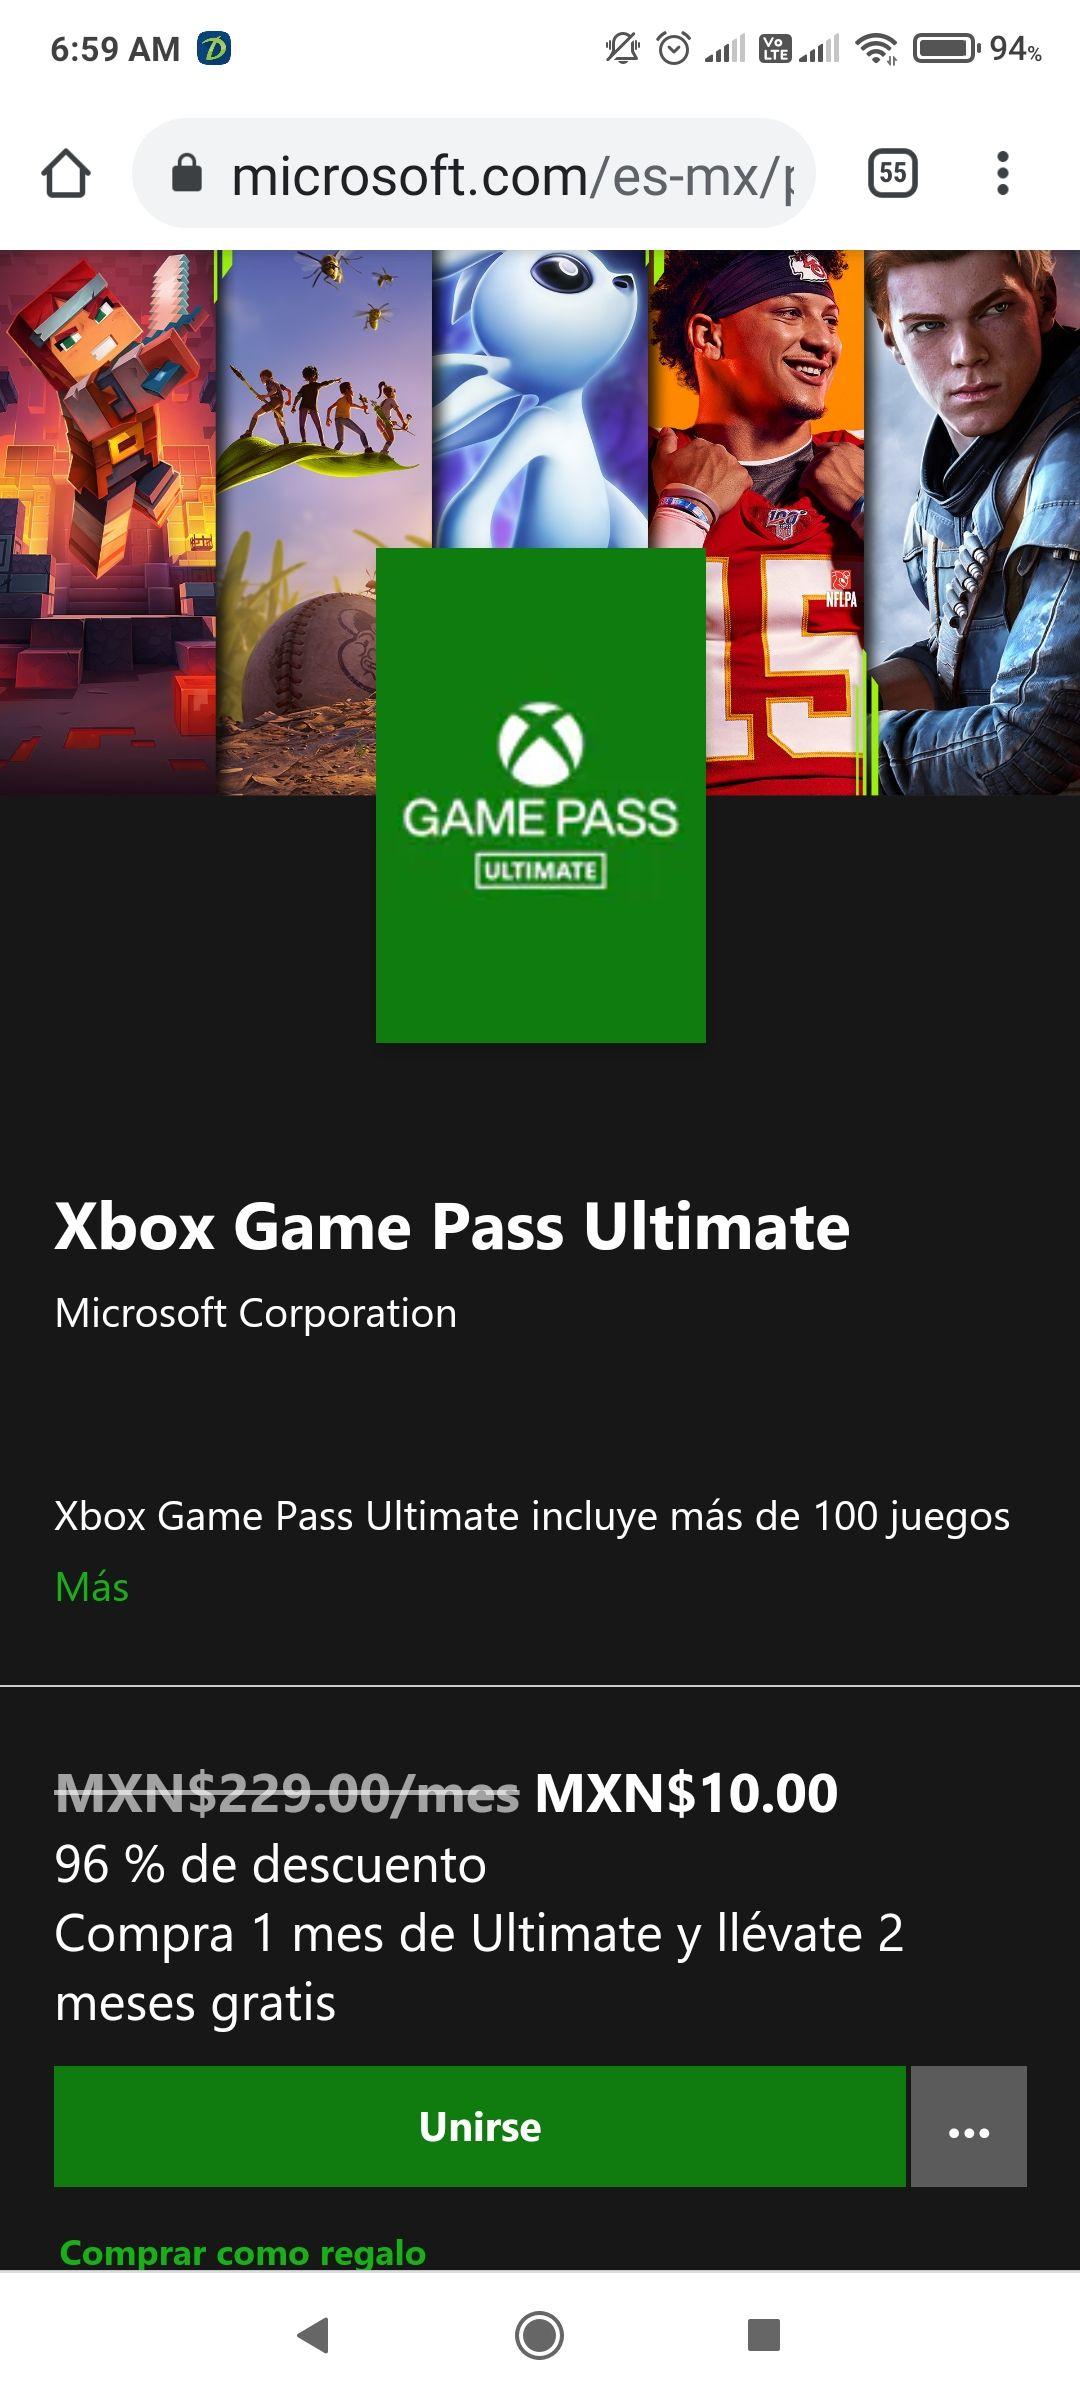 Xbox : 3 meses de Game Pass Ultimate por sólo $10